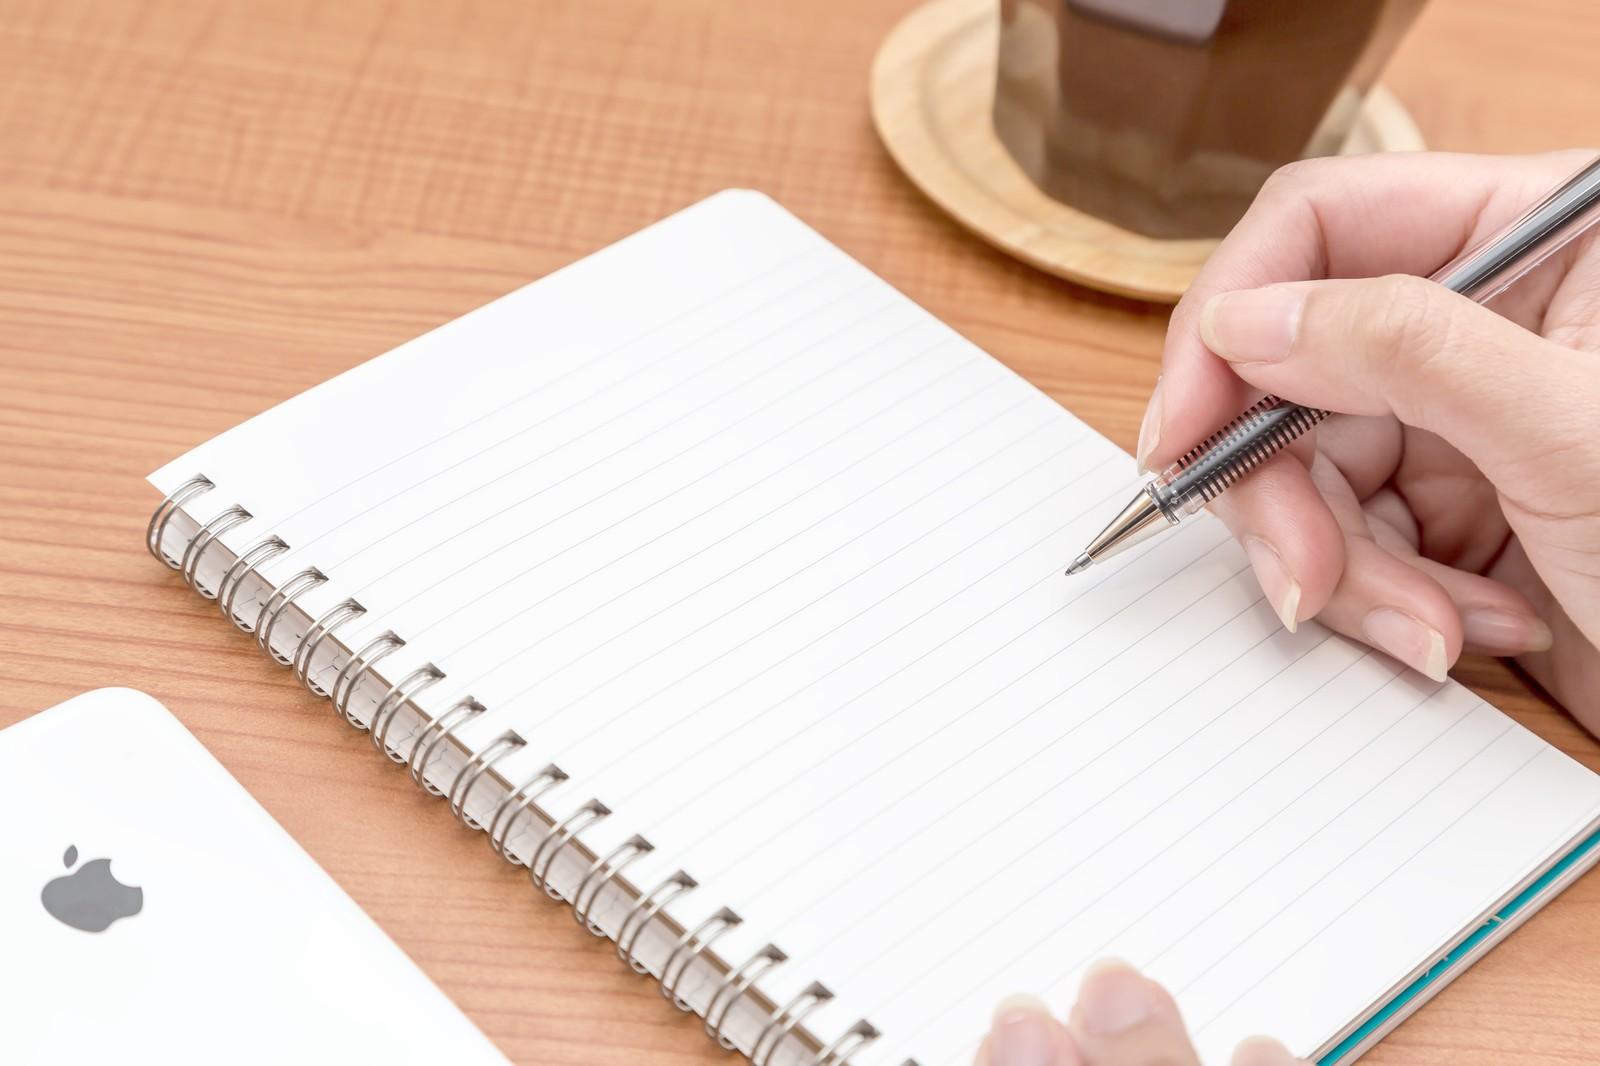 出会い系サイトで日記を書けば女性の好感度が上がり反応が良くなる